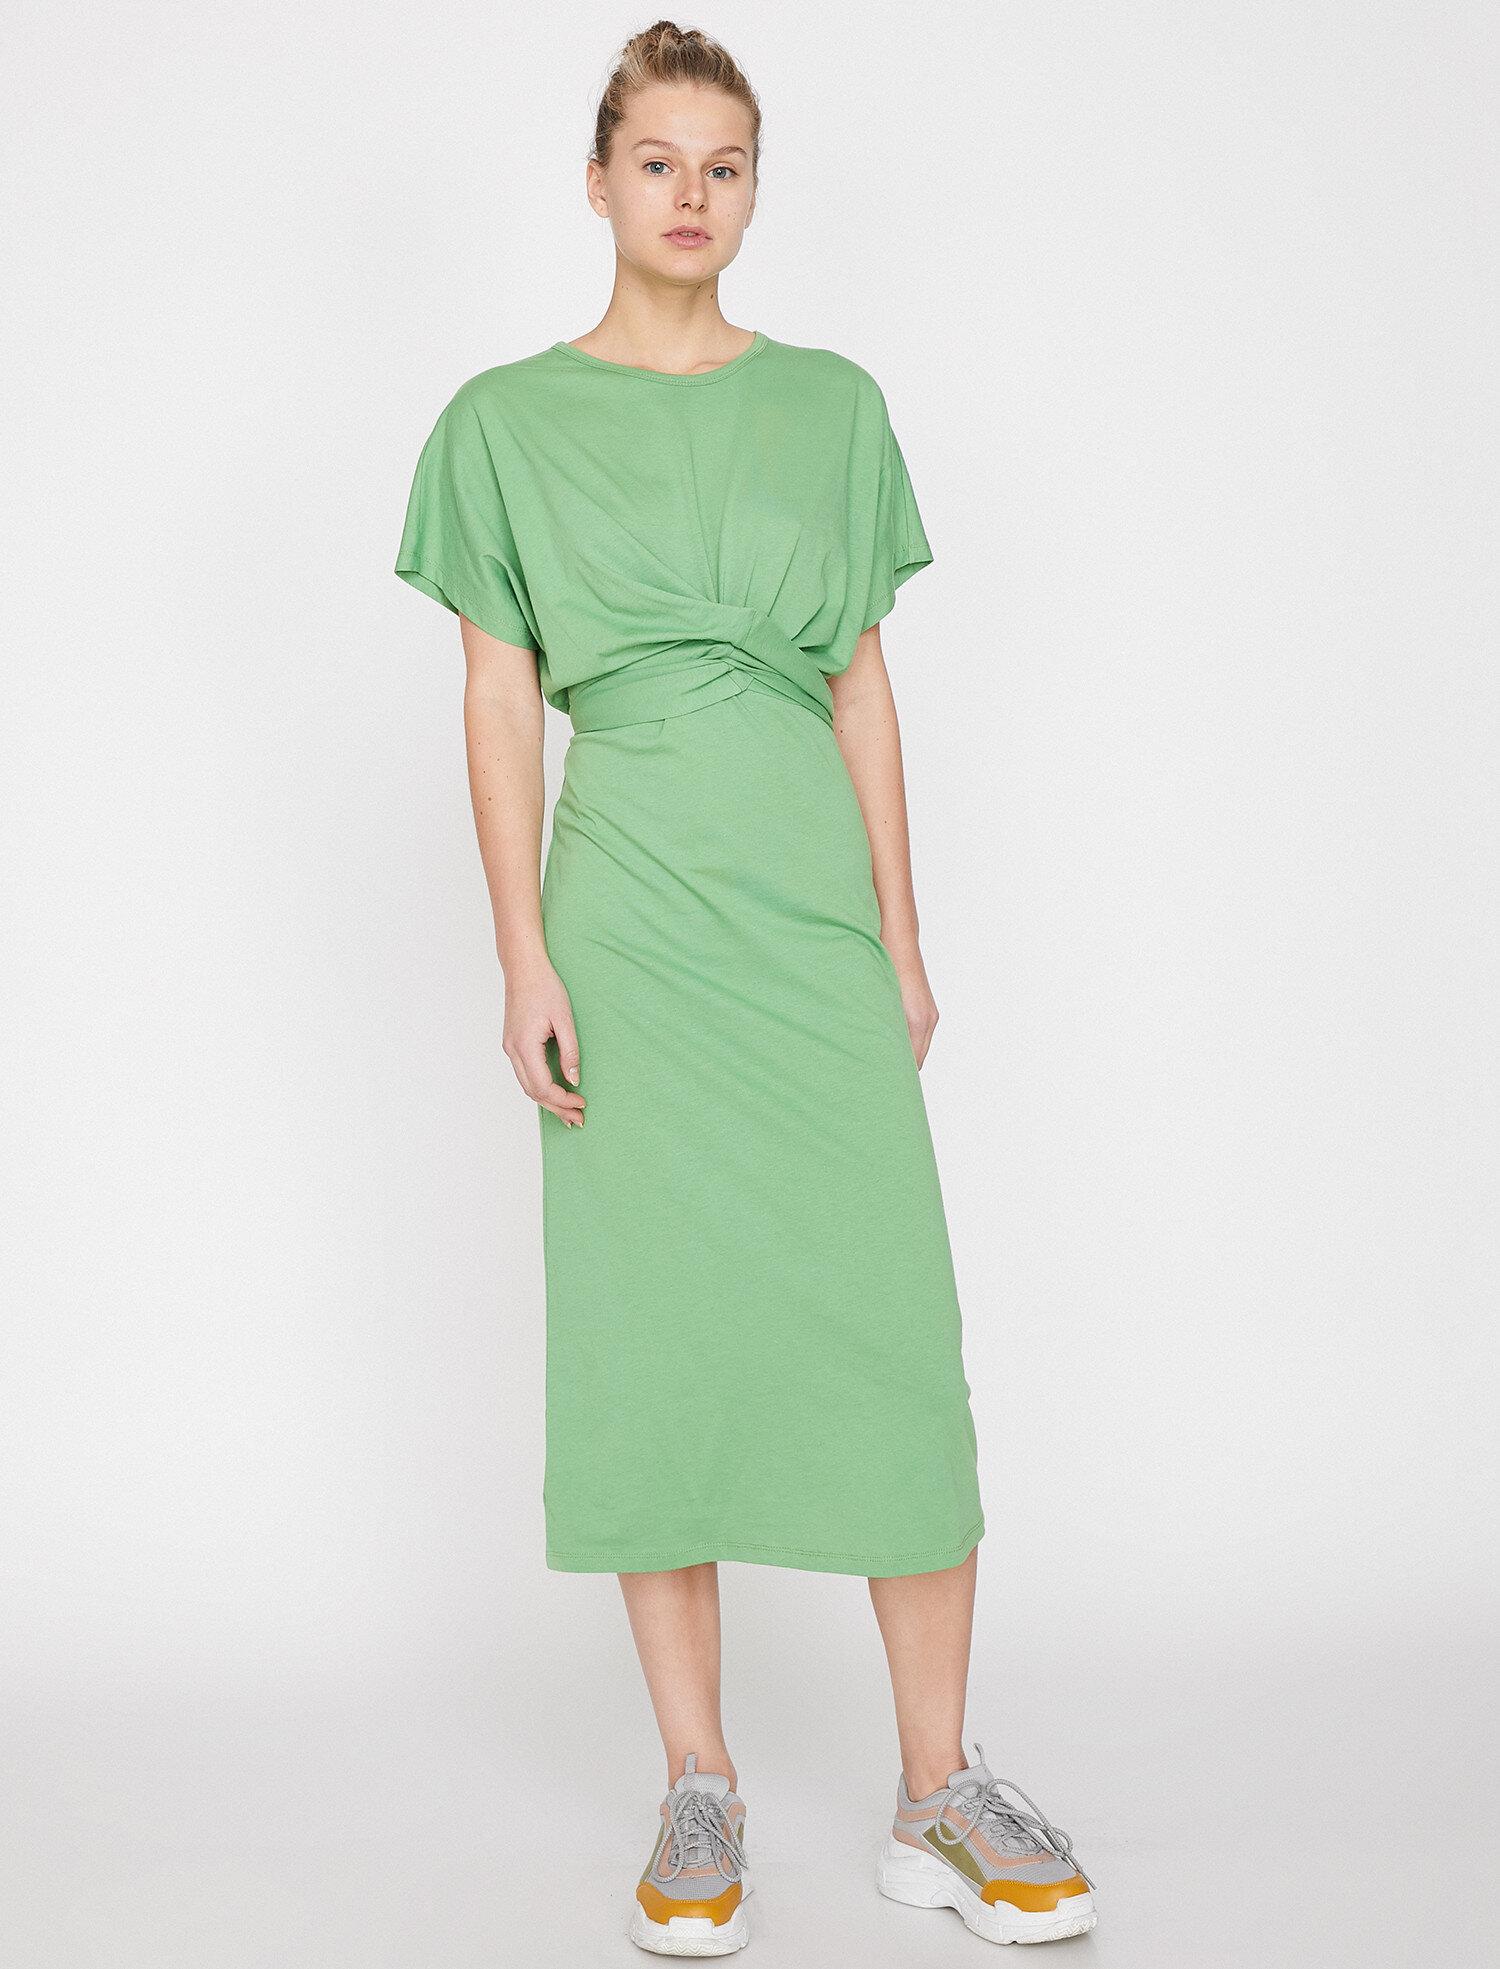 Koton Kadın Büzgülü Elbise Yeşil Ürün Resmi